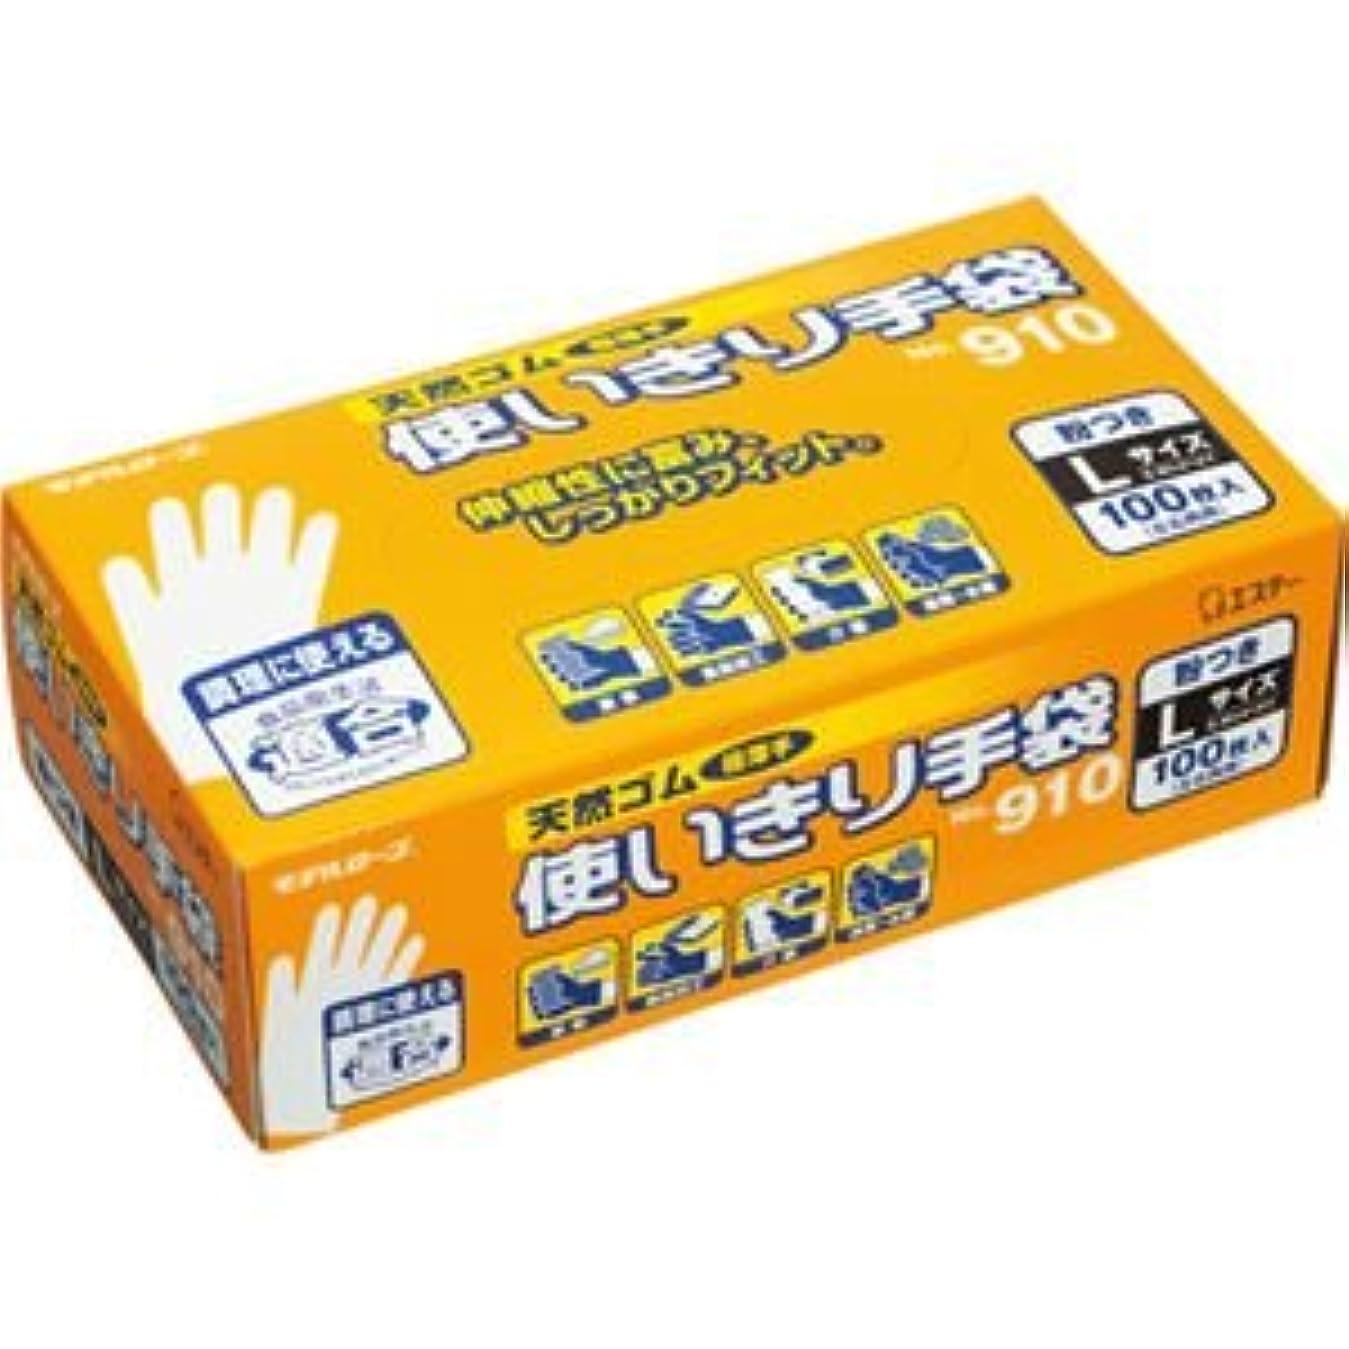 に向けて出発悪性のサロン(まとめ) エステー No.910 天然ゴム使いきり手袋(粉付) L 1箱(100枚) 【×5セット